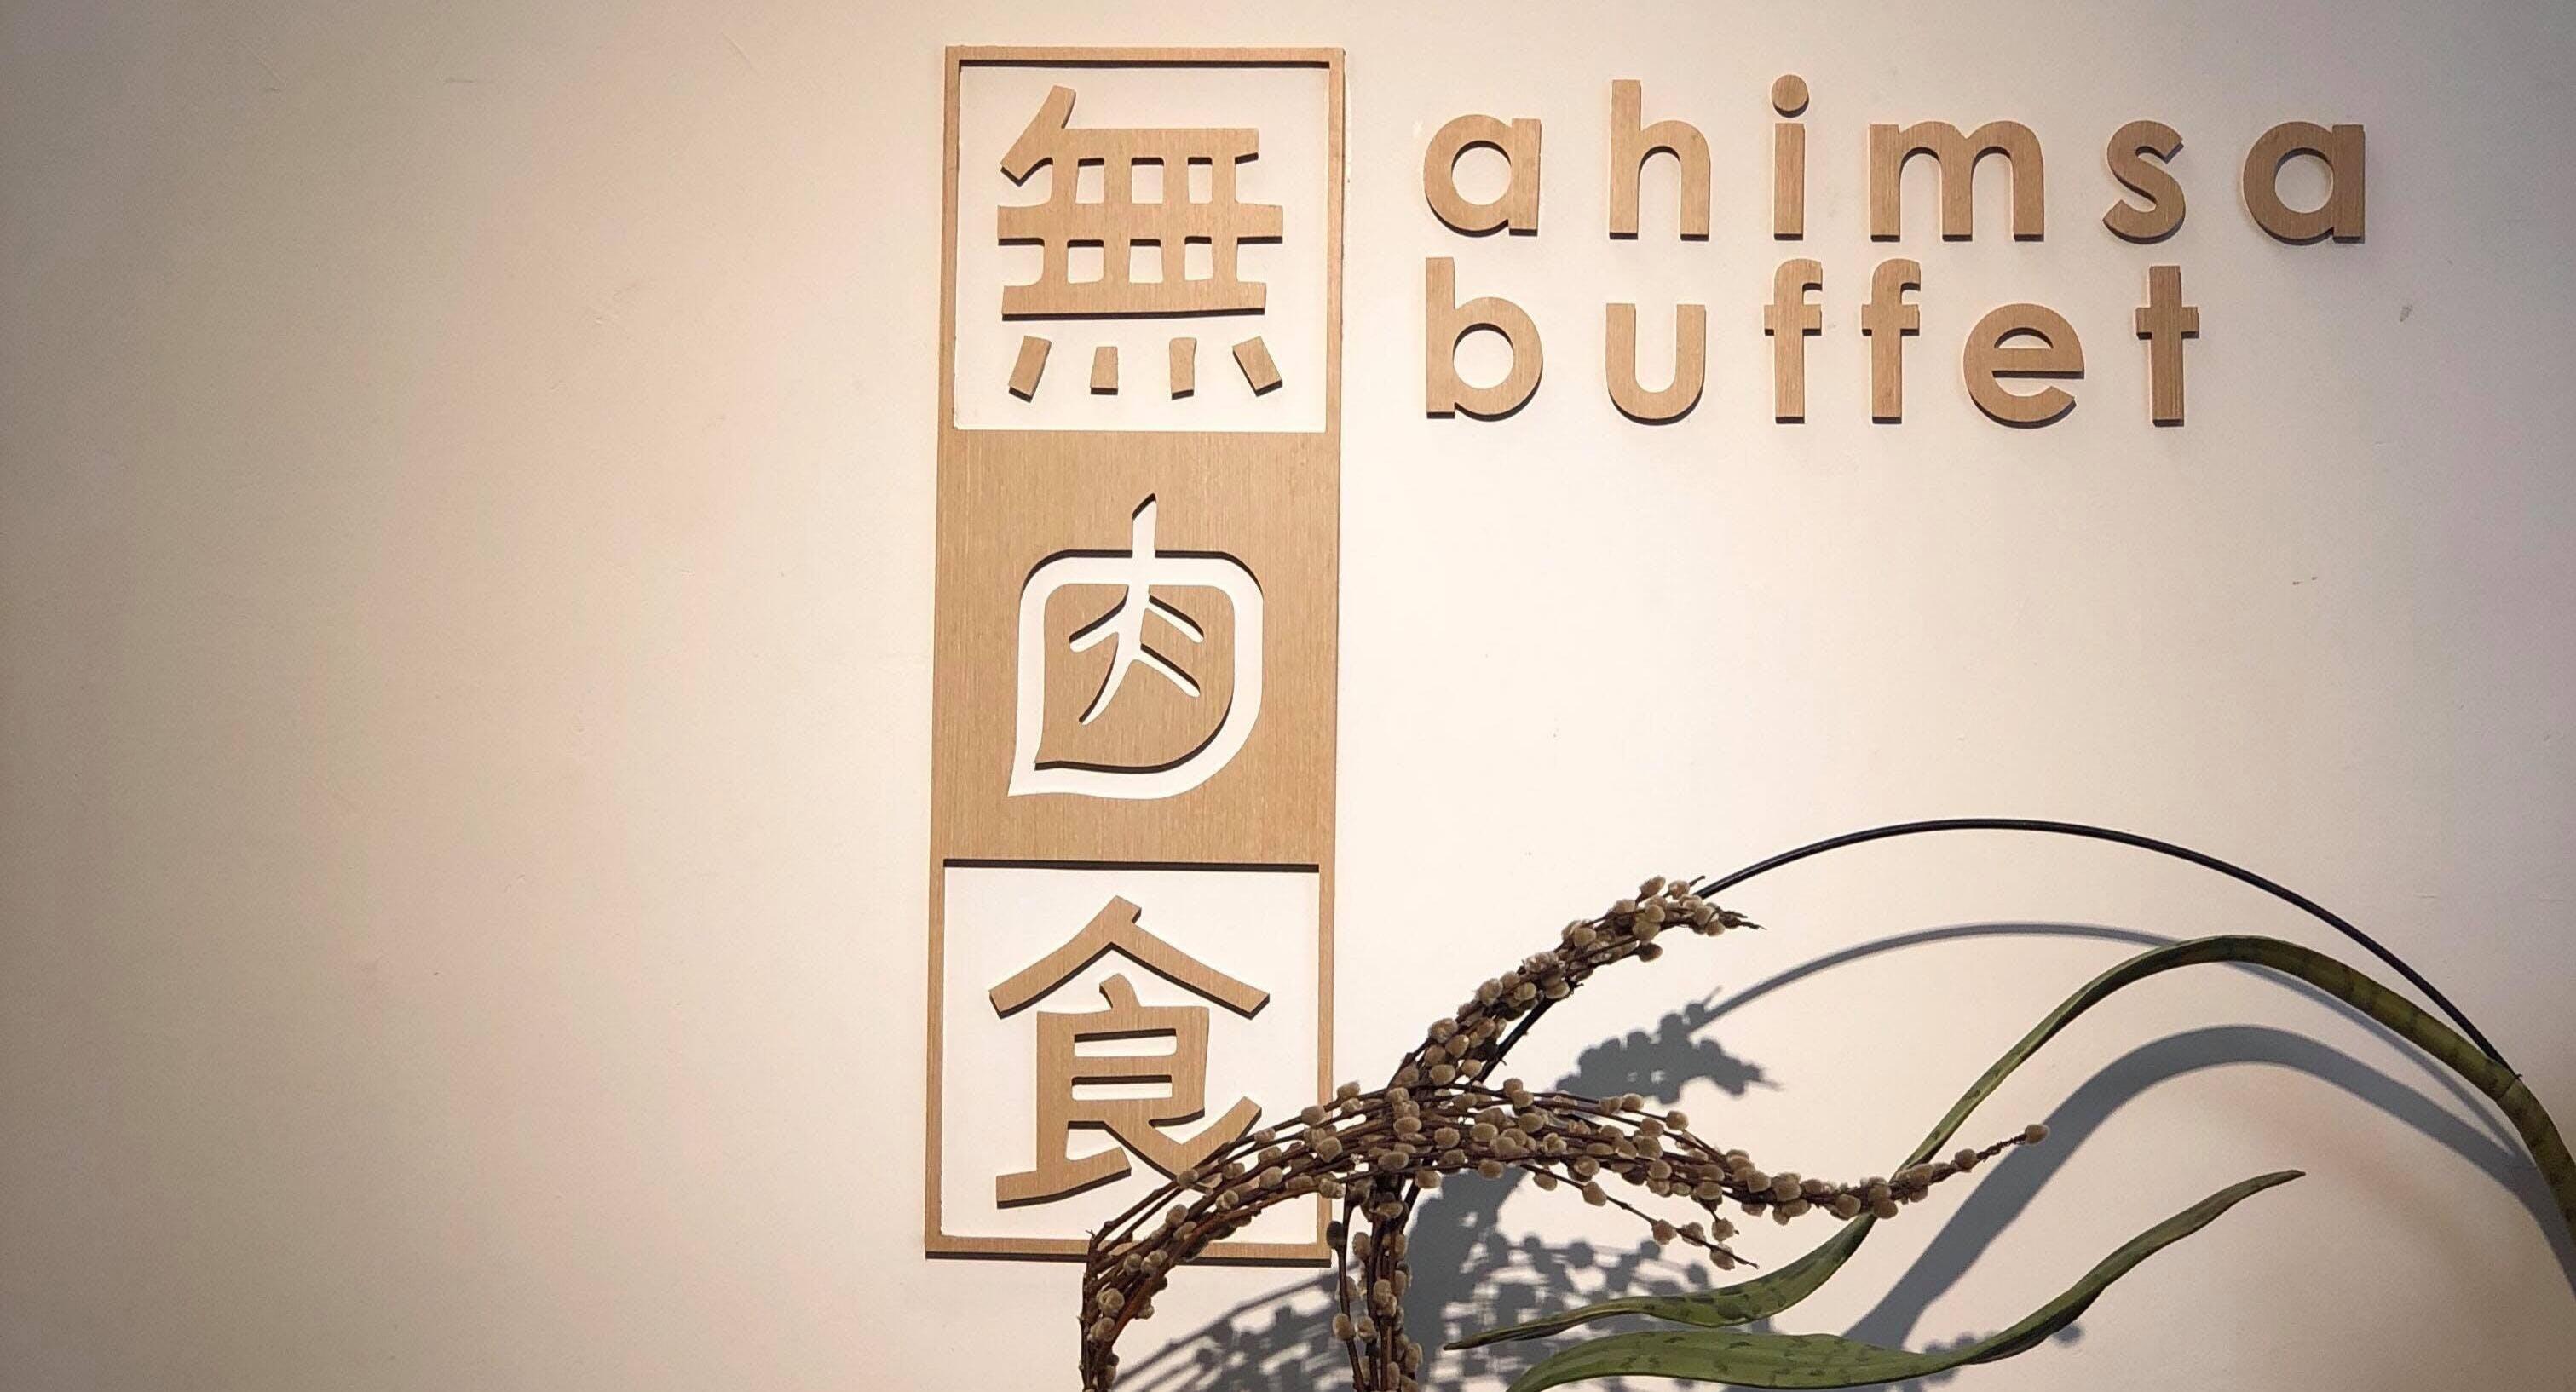 Ahimsa Buffet - Mong Kok Hong Kong image 2